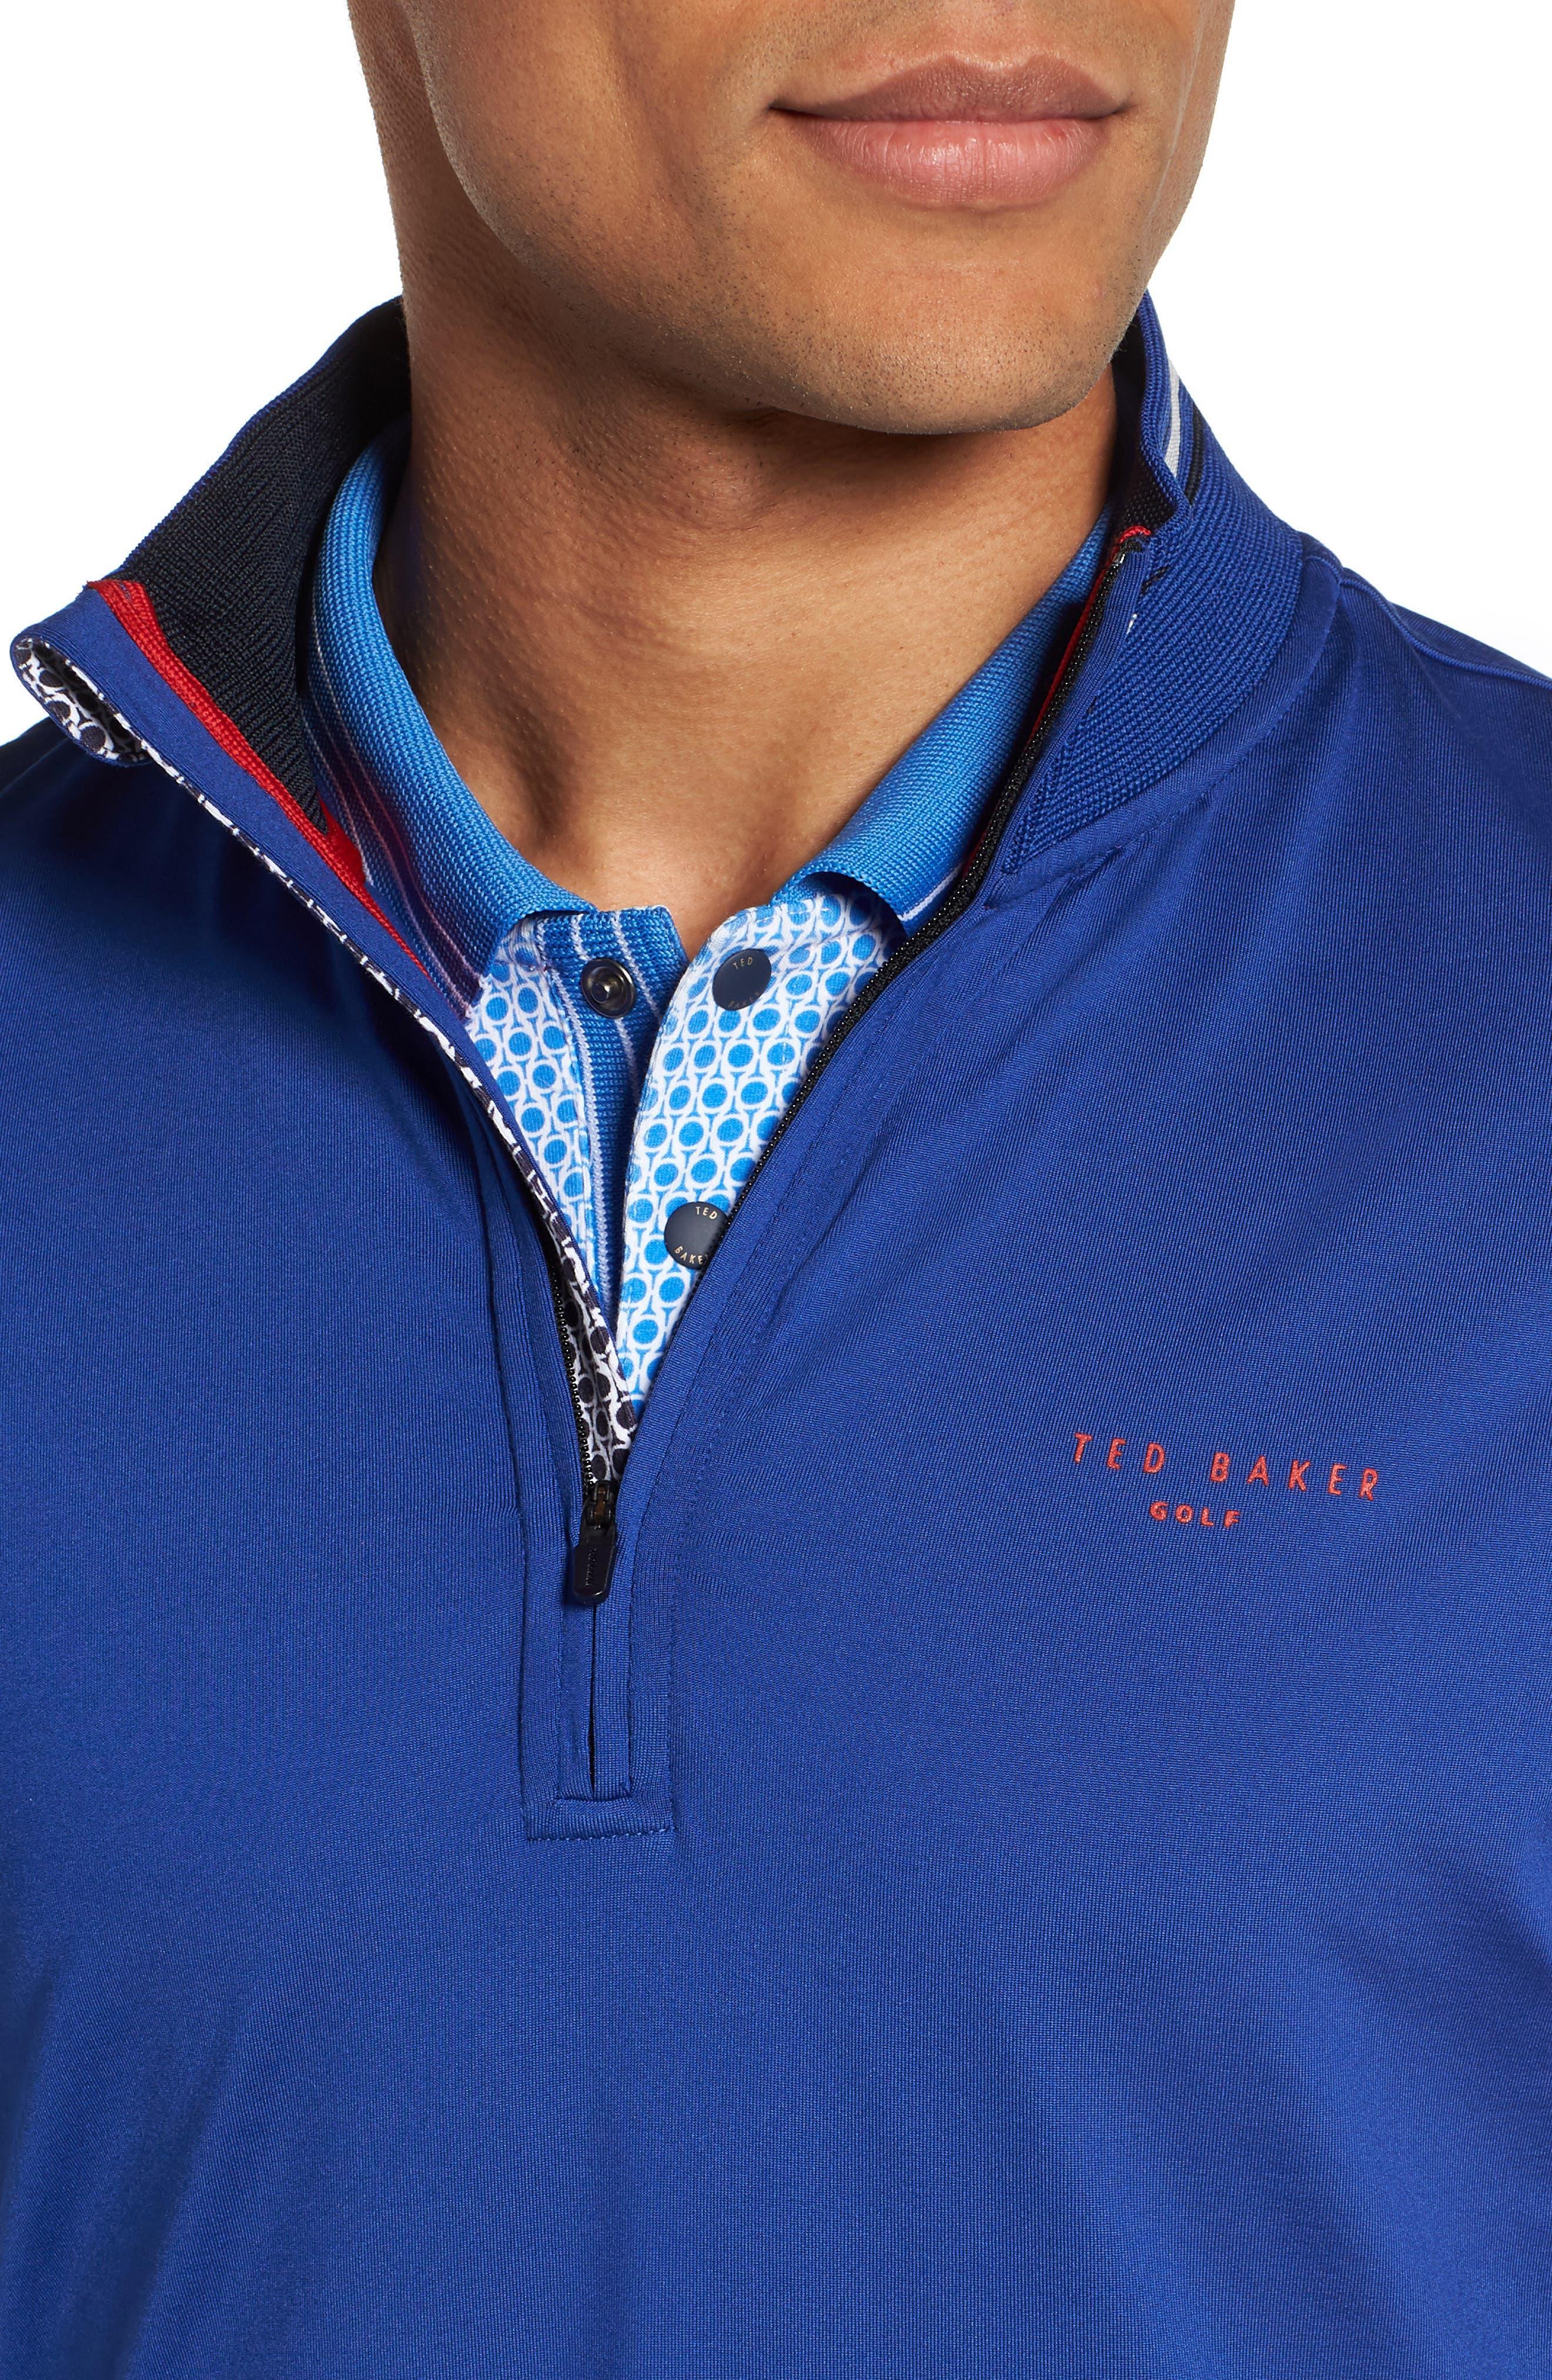 Gala Trim Golf Quarter-Zip Vest,                             Alternate thumbnail 4, color,                             430